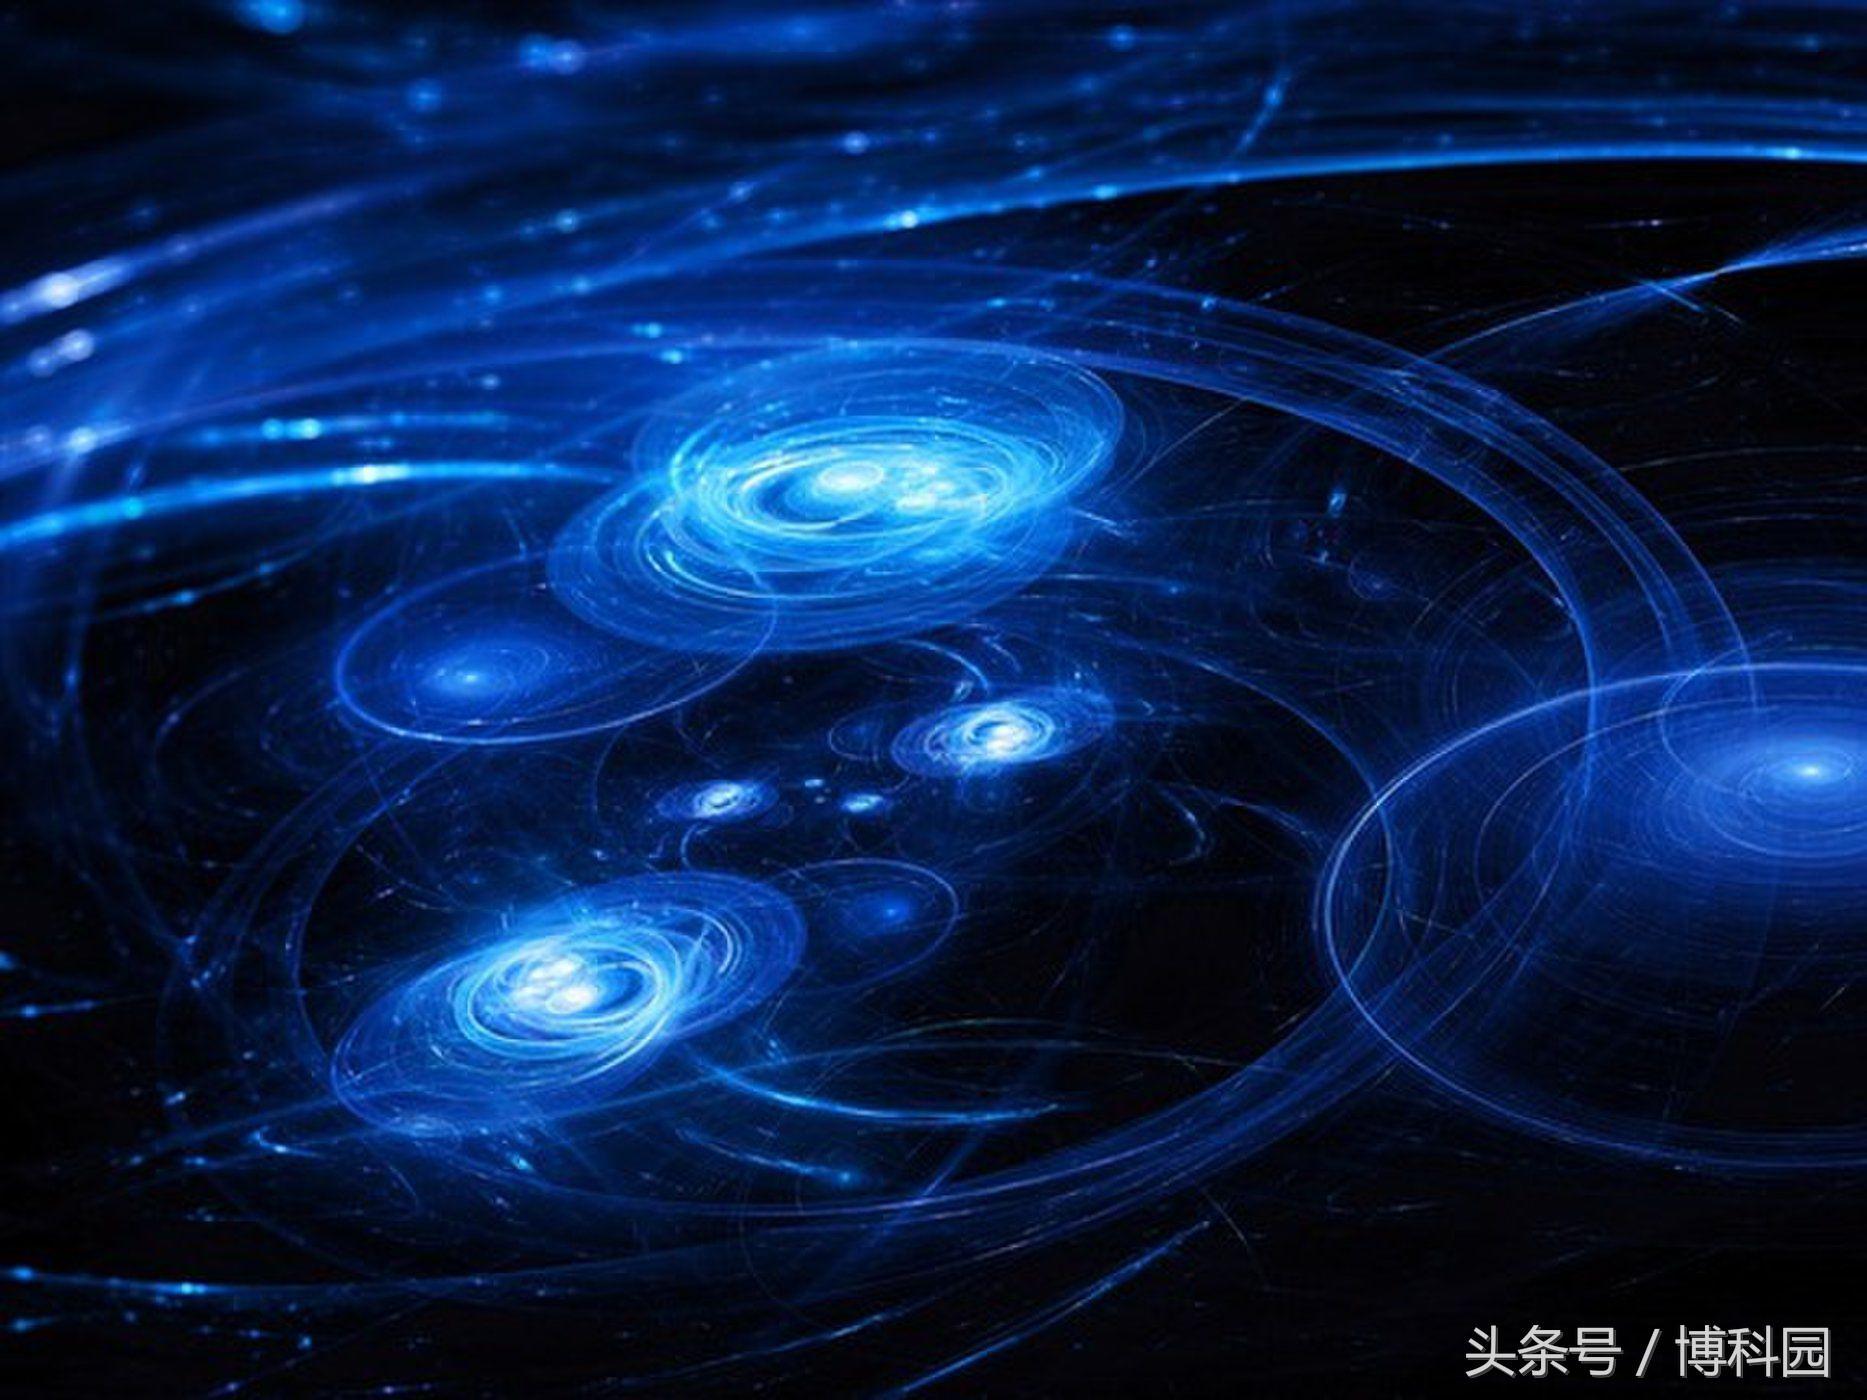 暗物质是由大爆炸的微型黑洞组成?